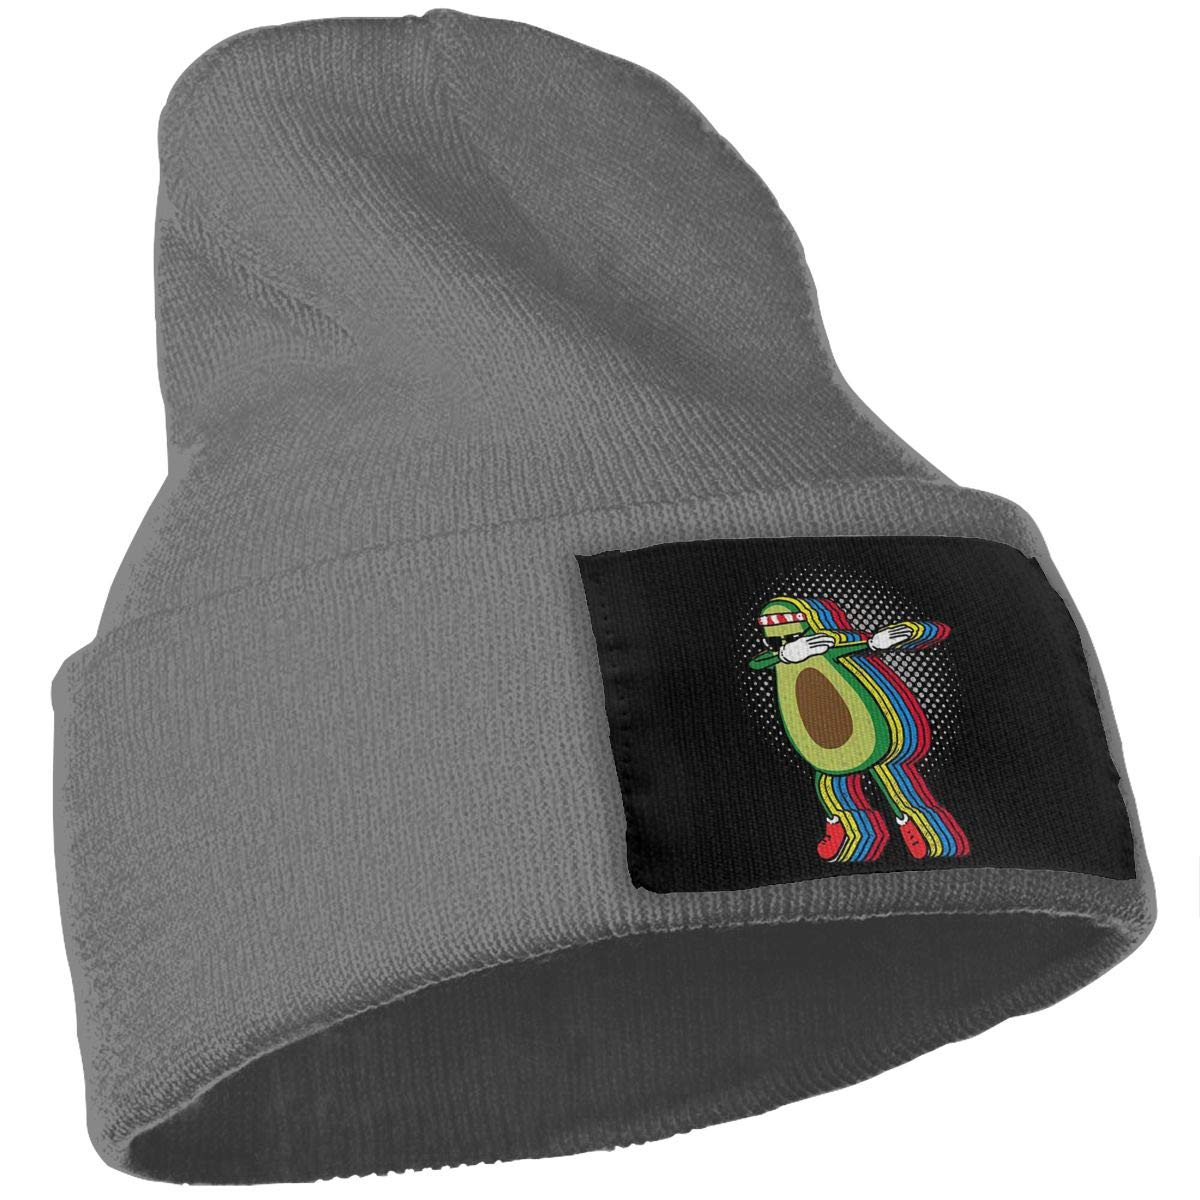 SLADDD1 Cool Warm Winter Hat Knit Beanie Skull Cap Cuff Beanie Hat Winter Hats for Men /& Women